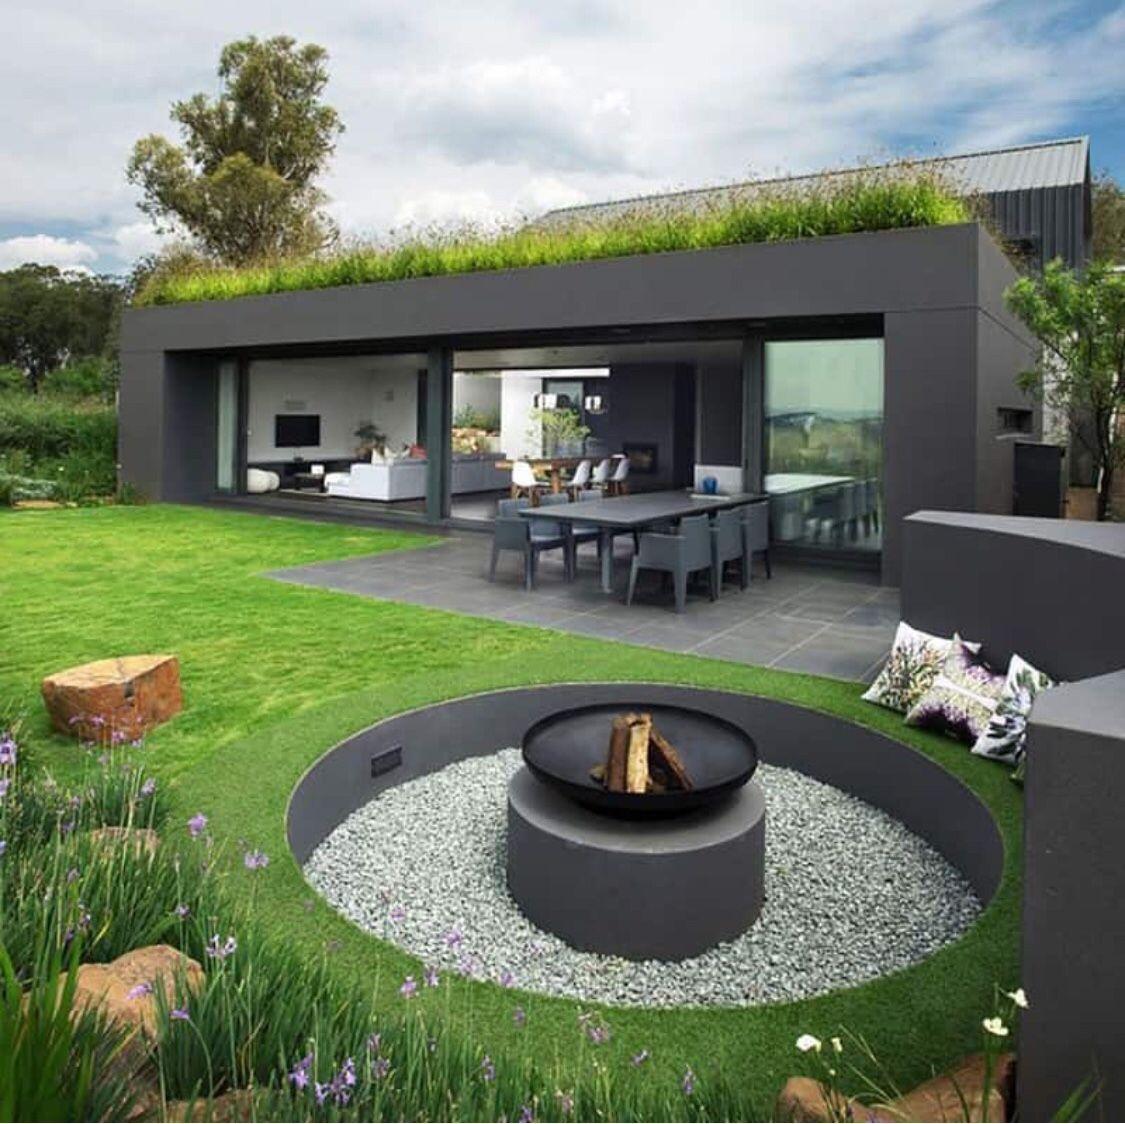 Pin Von Kryst Sidyt Auf Jardin Feuerstelle Garten Vorgarten Design Vorgarten Modern